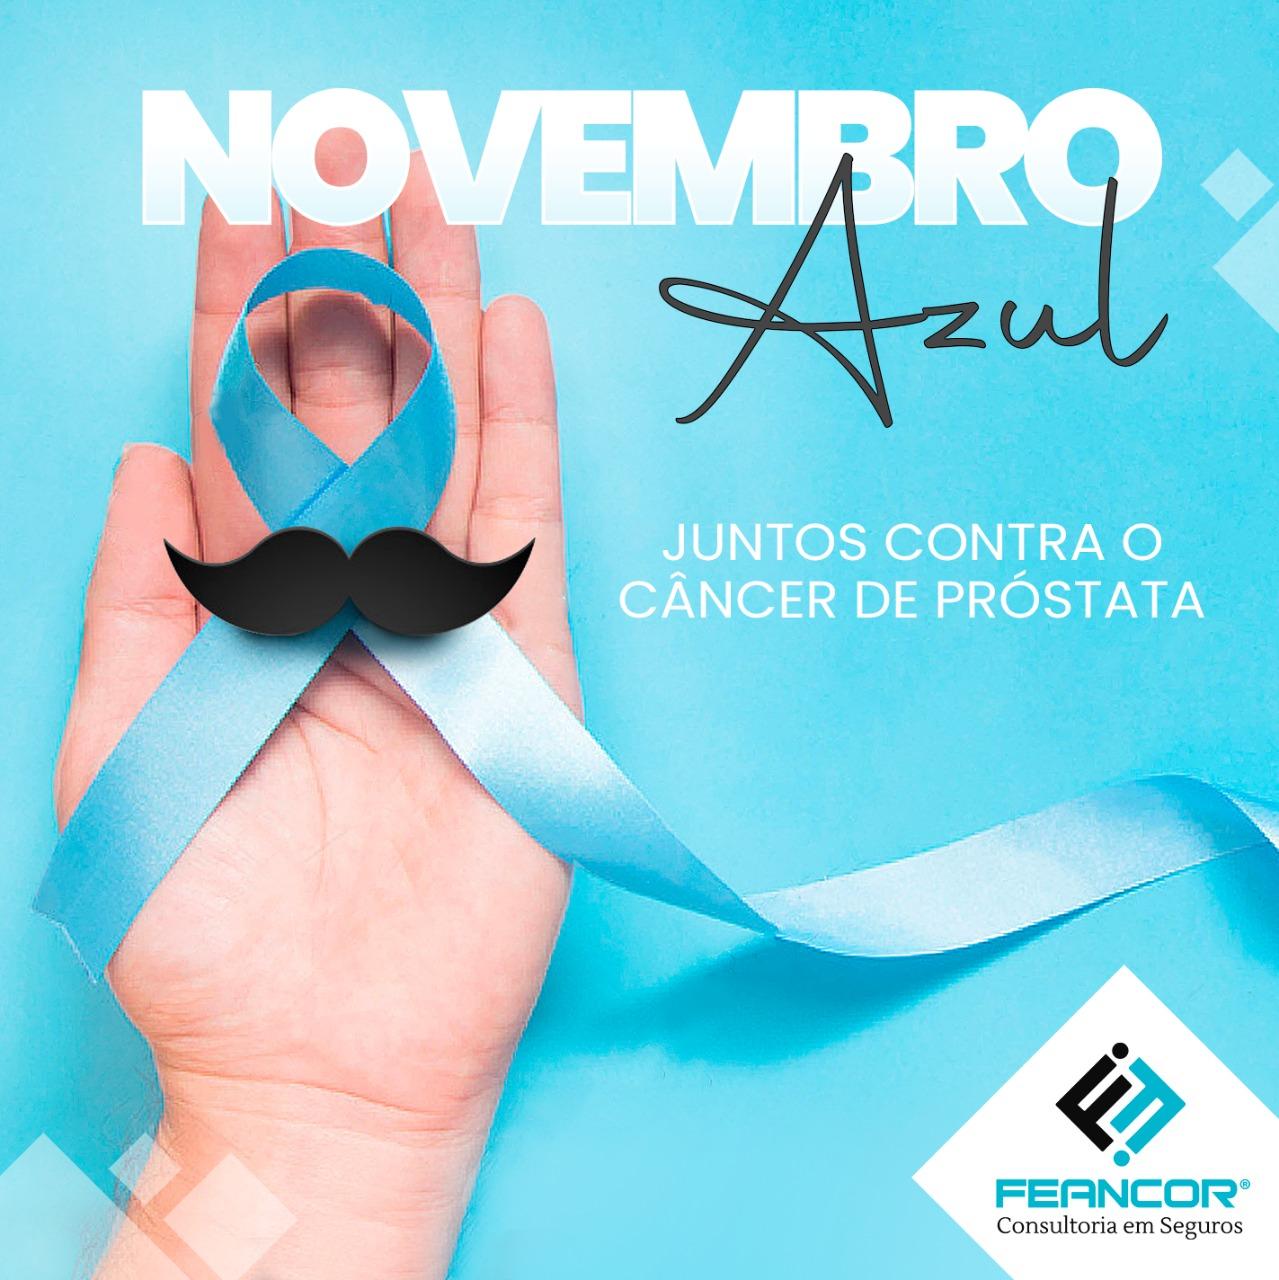 Novembro Azul: Mês da conscientização do câncer de próstata